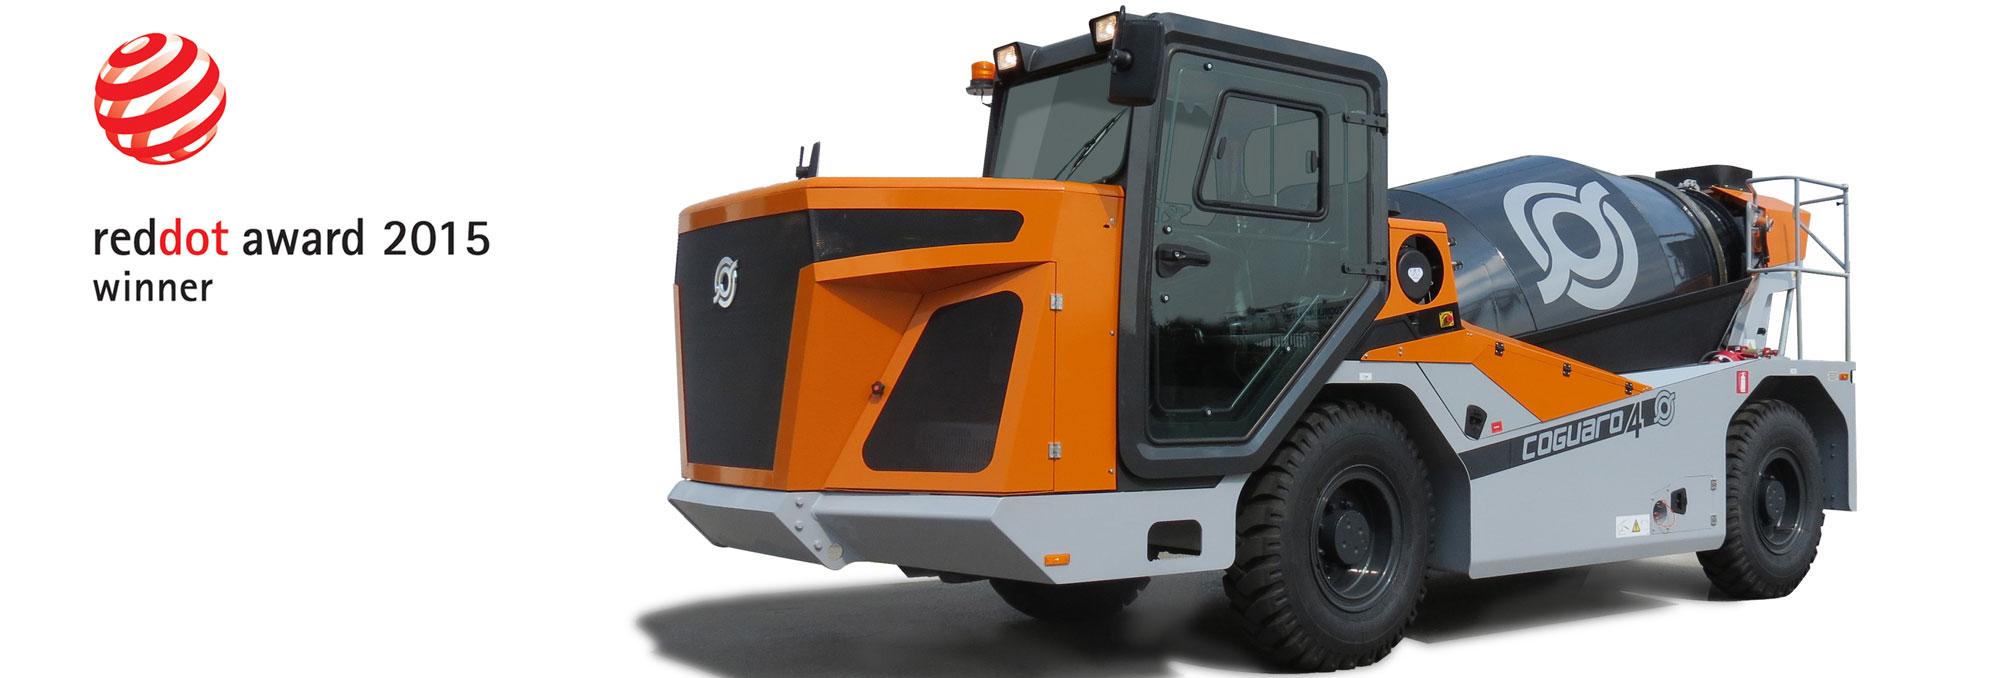 betoniere autobetoniere pompe calcestruzzo Bc3edcc6-b2f1-4196-bdc1-cb031bf0be8c